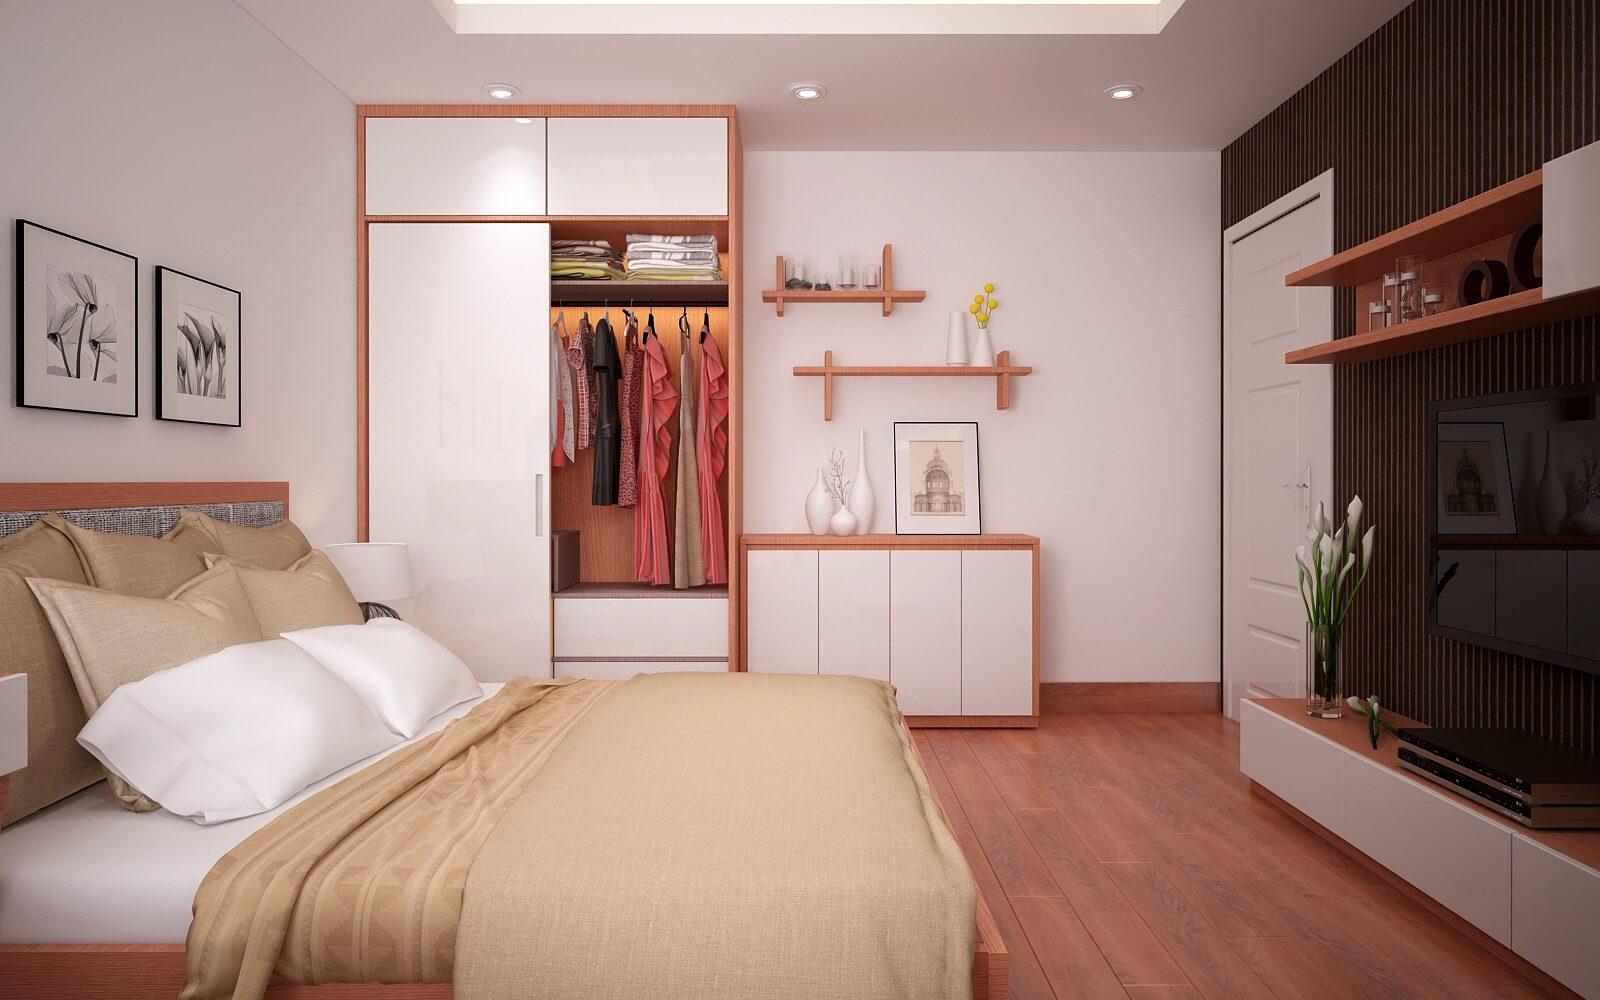 Thiết kế phòng ngủ trang nhã với nội thất tiện nghi